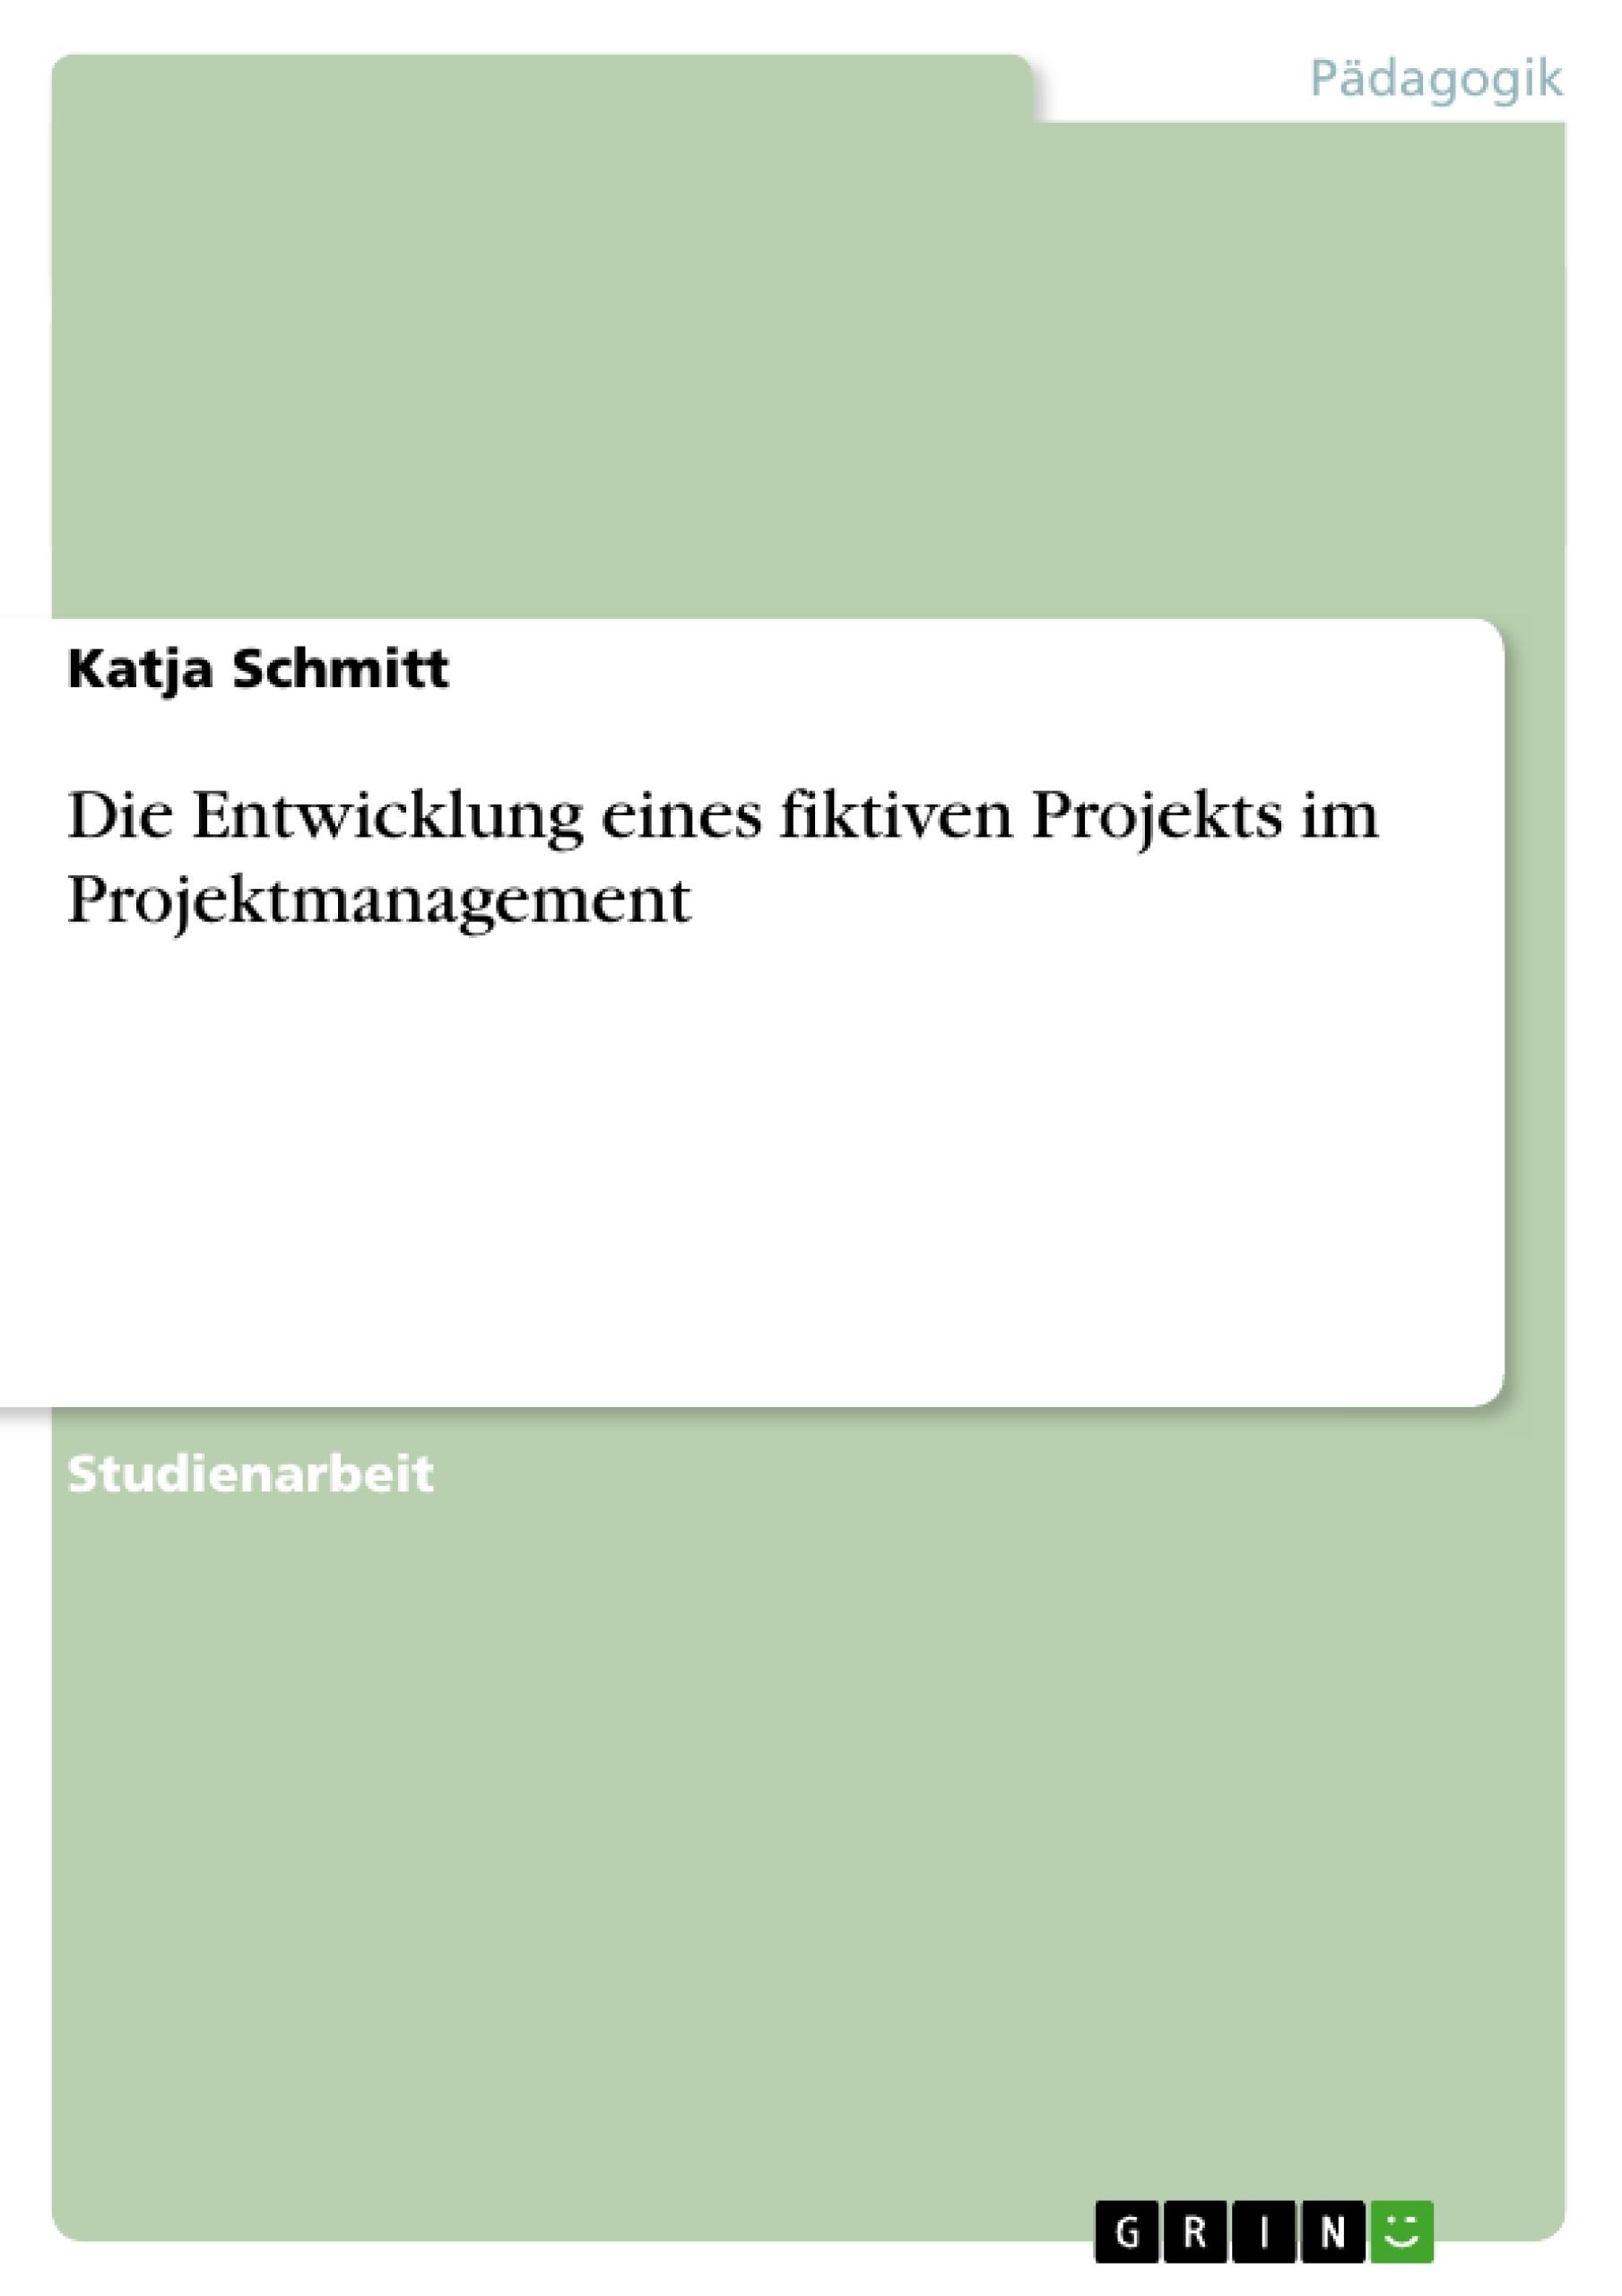 Titel: Die Entwicklung eines fiktiven Projekts im Projektmanagement